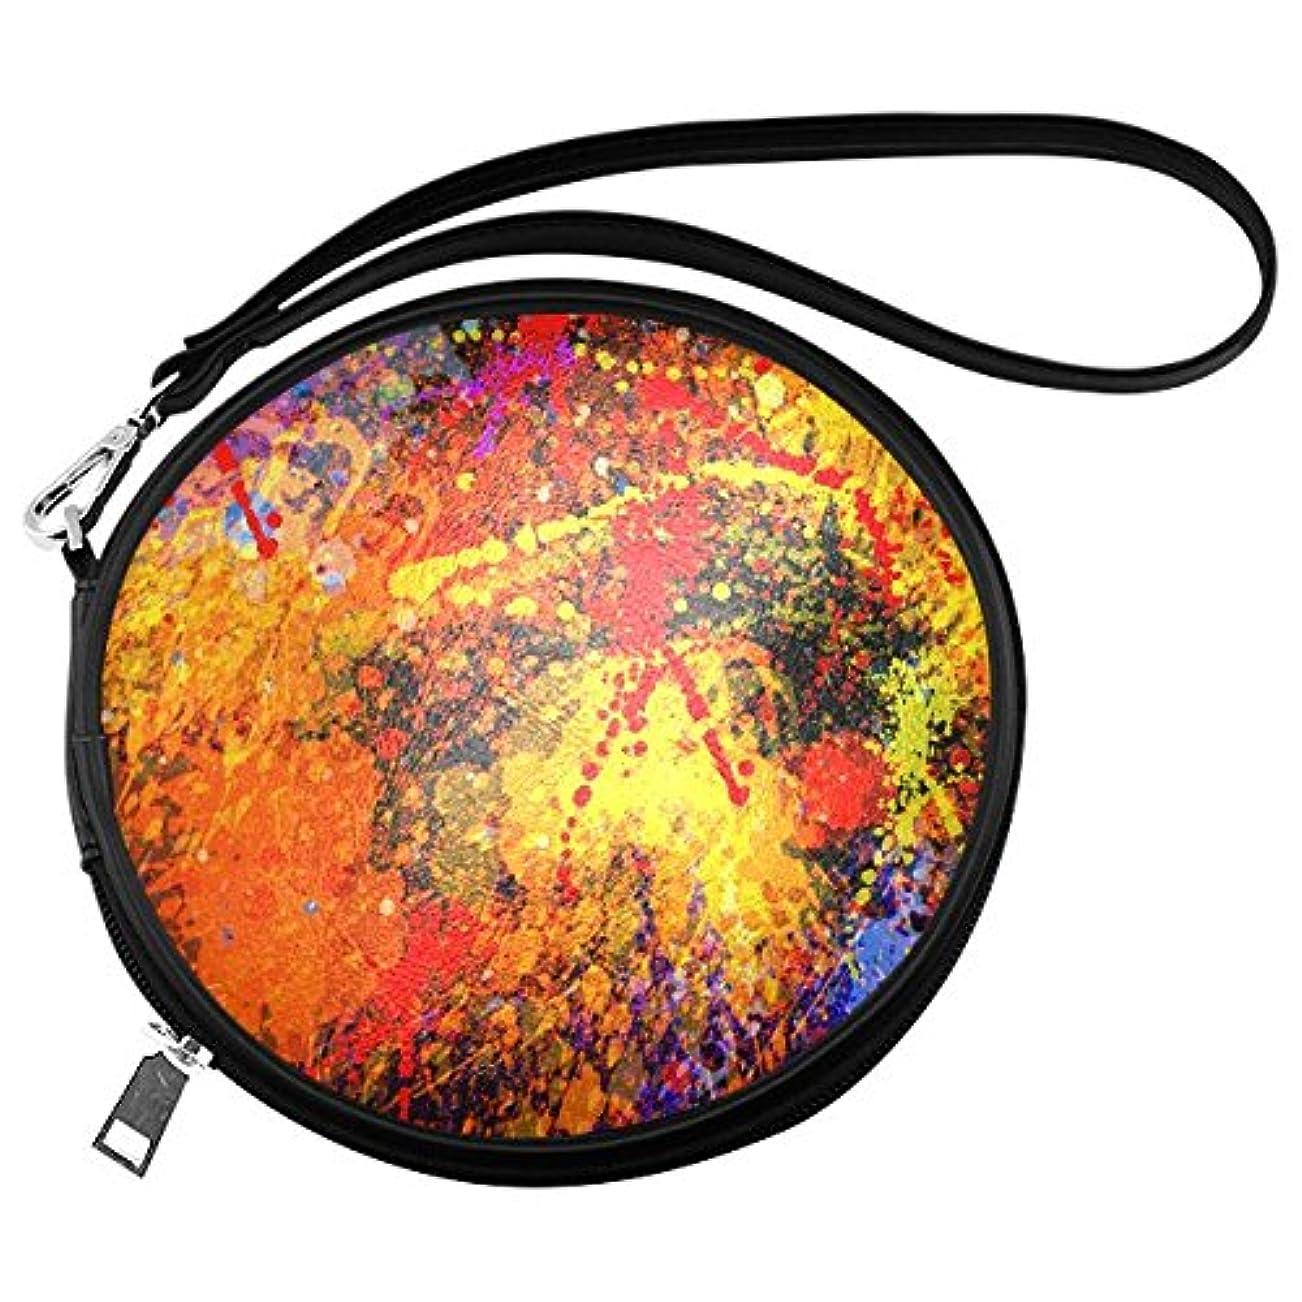 費やす警察署一月(ArtsAdd) メイクバッグ Makeup Bag ラウンド 丸形 メイクボックス コスメバッグ 化粧道具入れ バニティーケース コスメポーチ